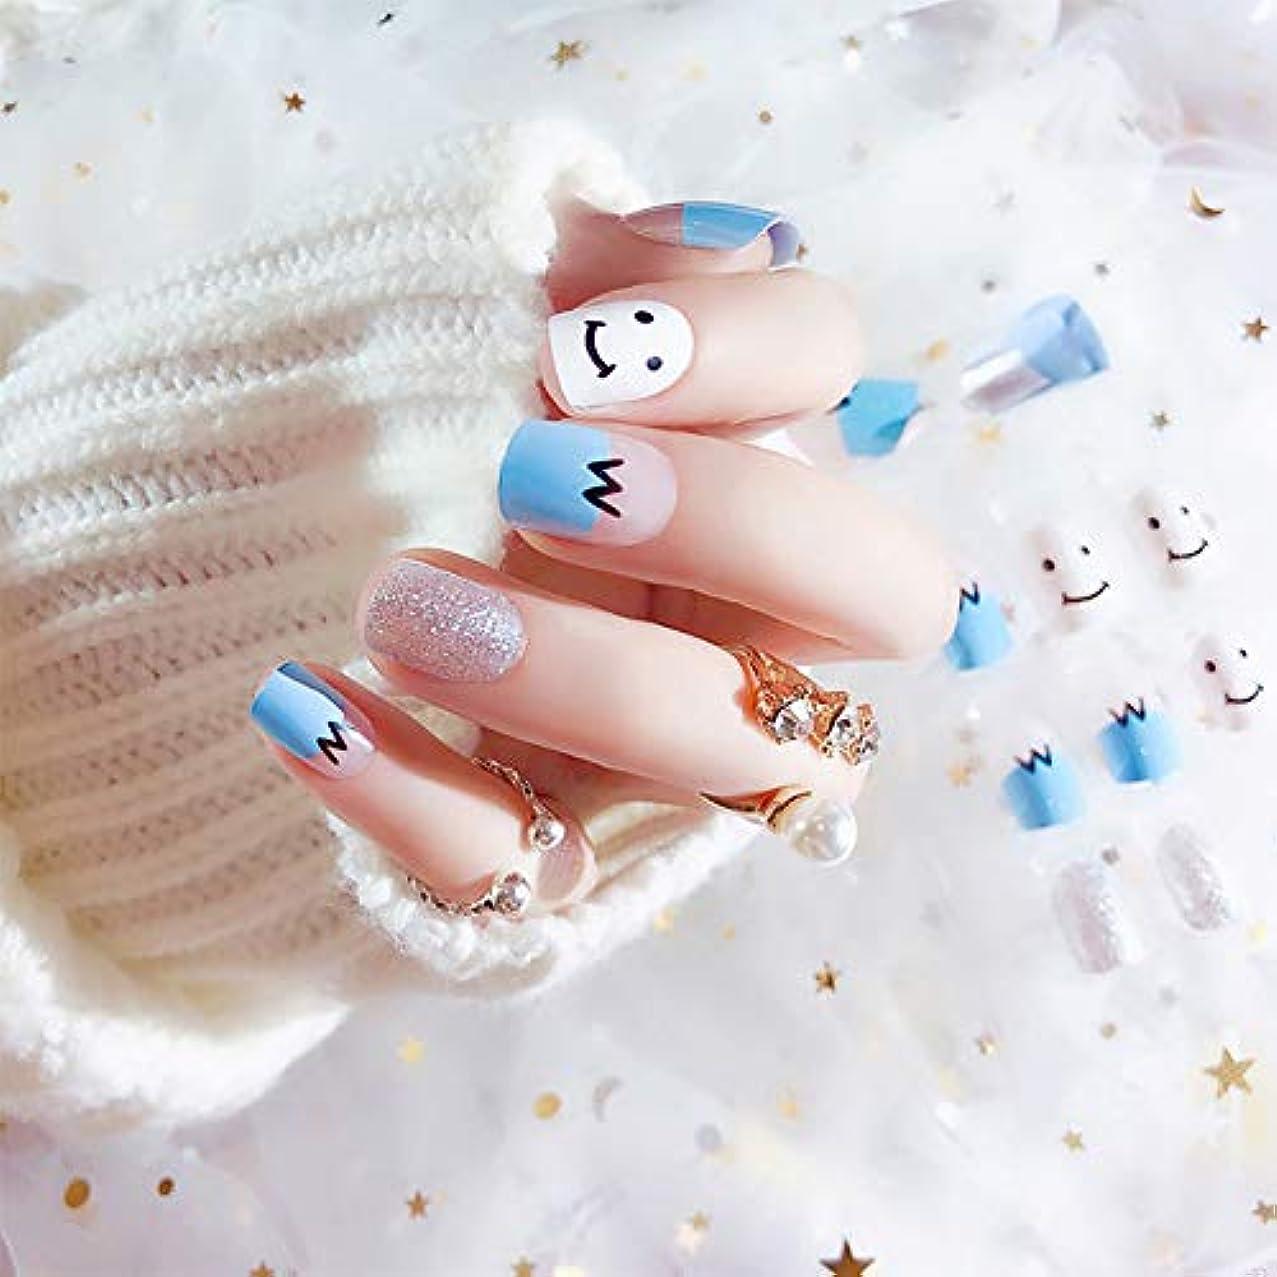 干ばつ定期的出演者XUTXZKA 24ピースネイルスマイリーショートネイルアートのヒント女性のステッチカラー偽造爪